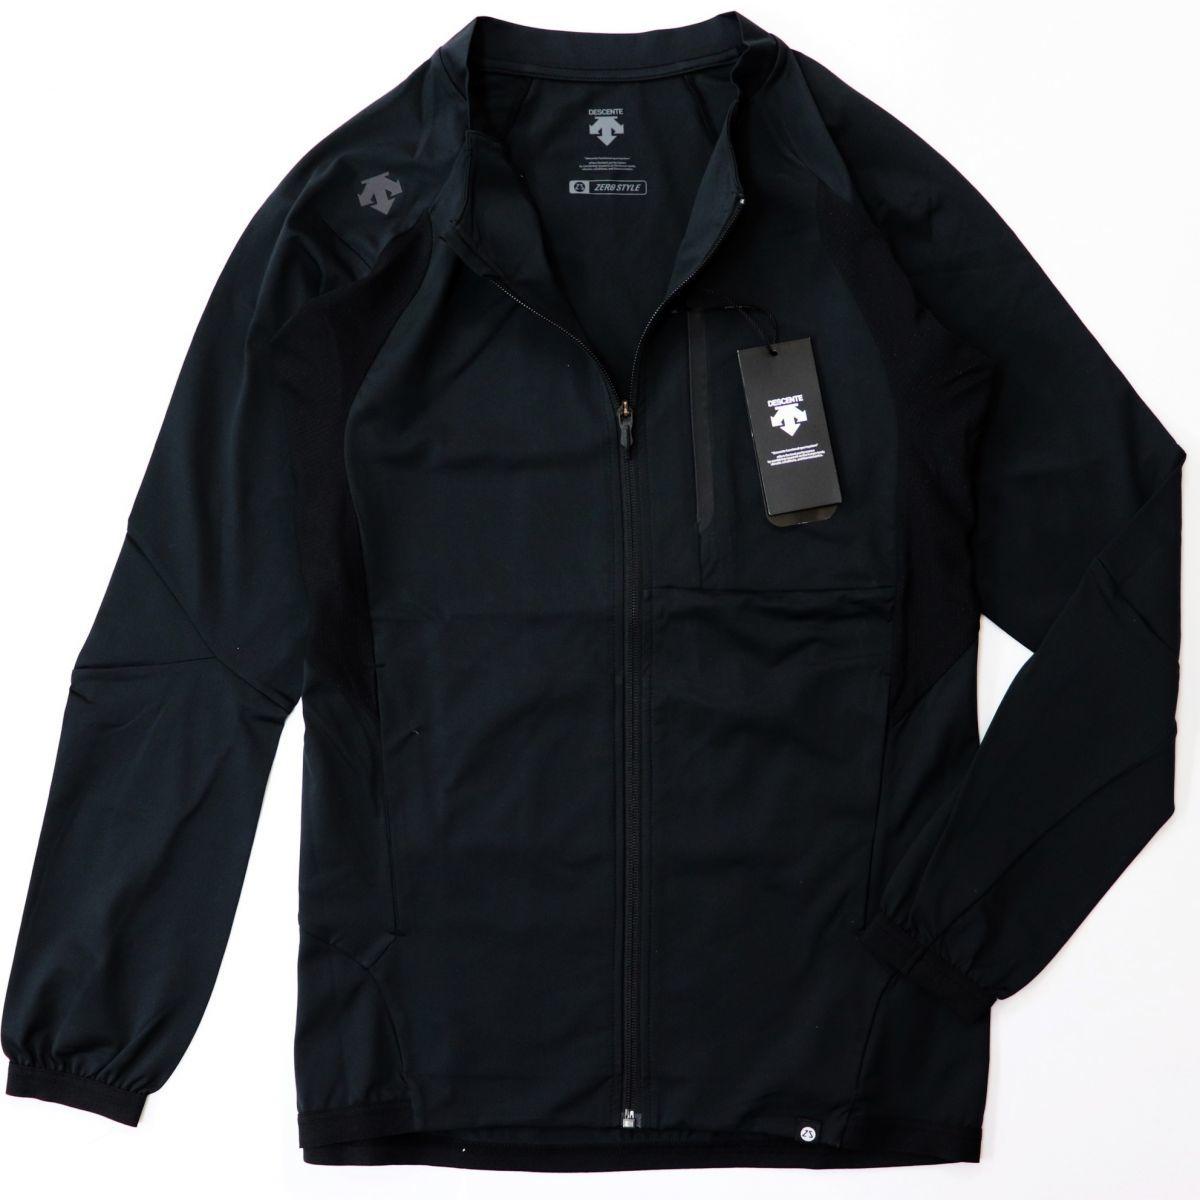 ★デサント DESCENTE 新品 メンズ 吸汗 速乾 防風 撥水 トレーニング ジャケット 黒 ブラック XLサイズ [DAT2790Z-BLK-O]二★QWER★